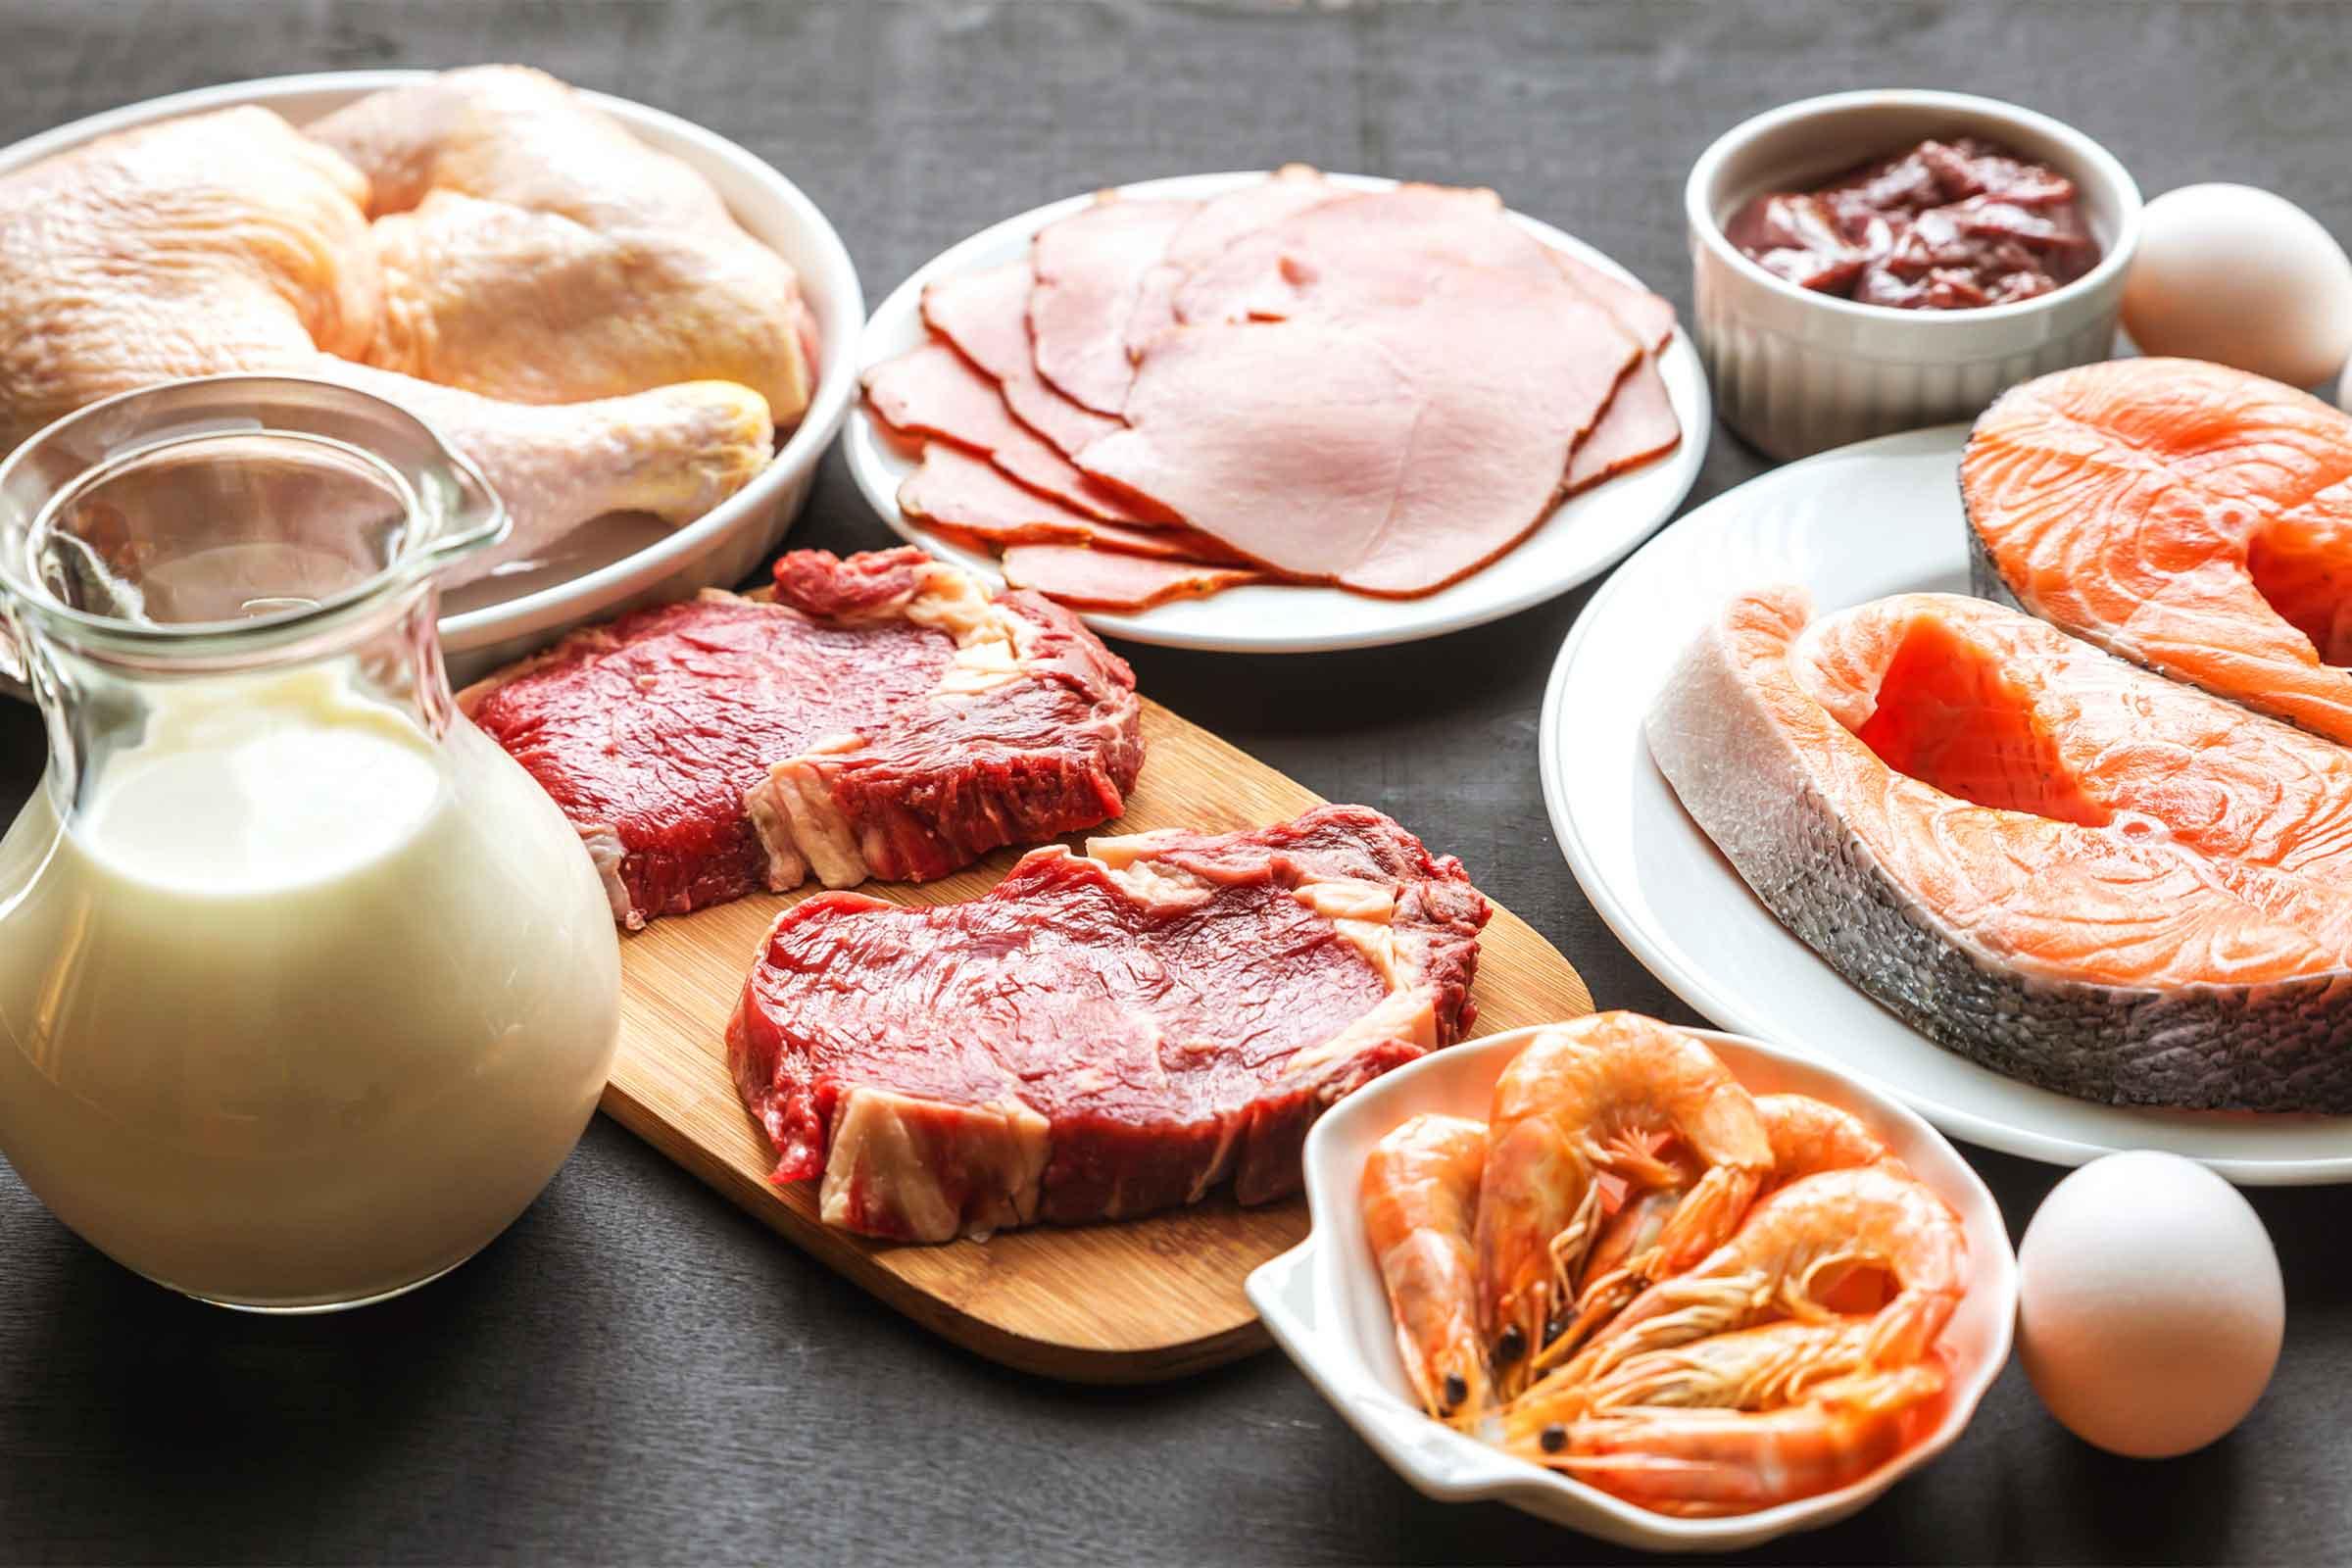 Nếu bạn đang có 5 thói quen này thì đừng trách sao bụng càng ngày càng béo - Ảnh 4.